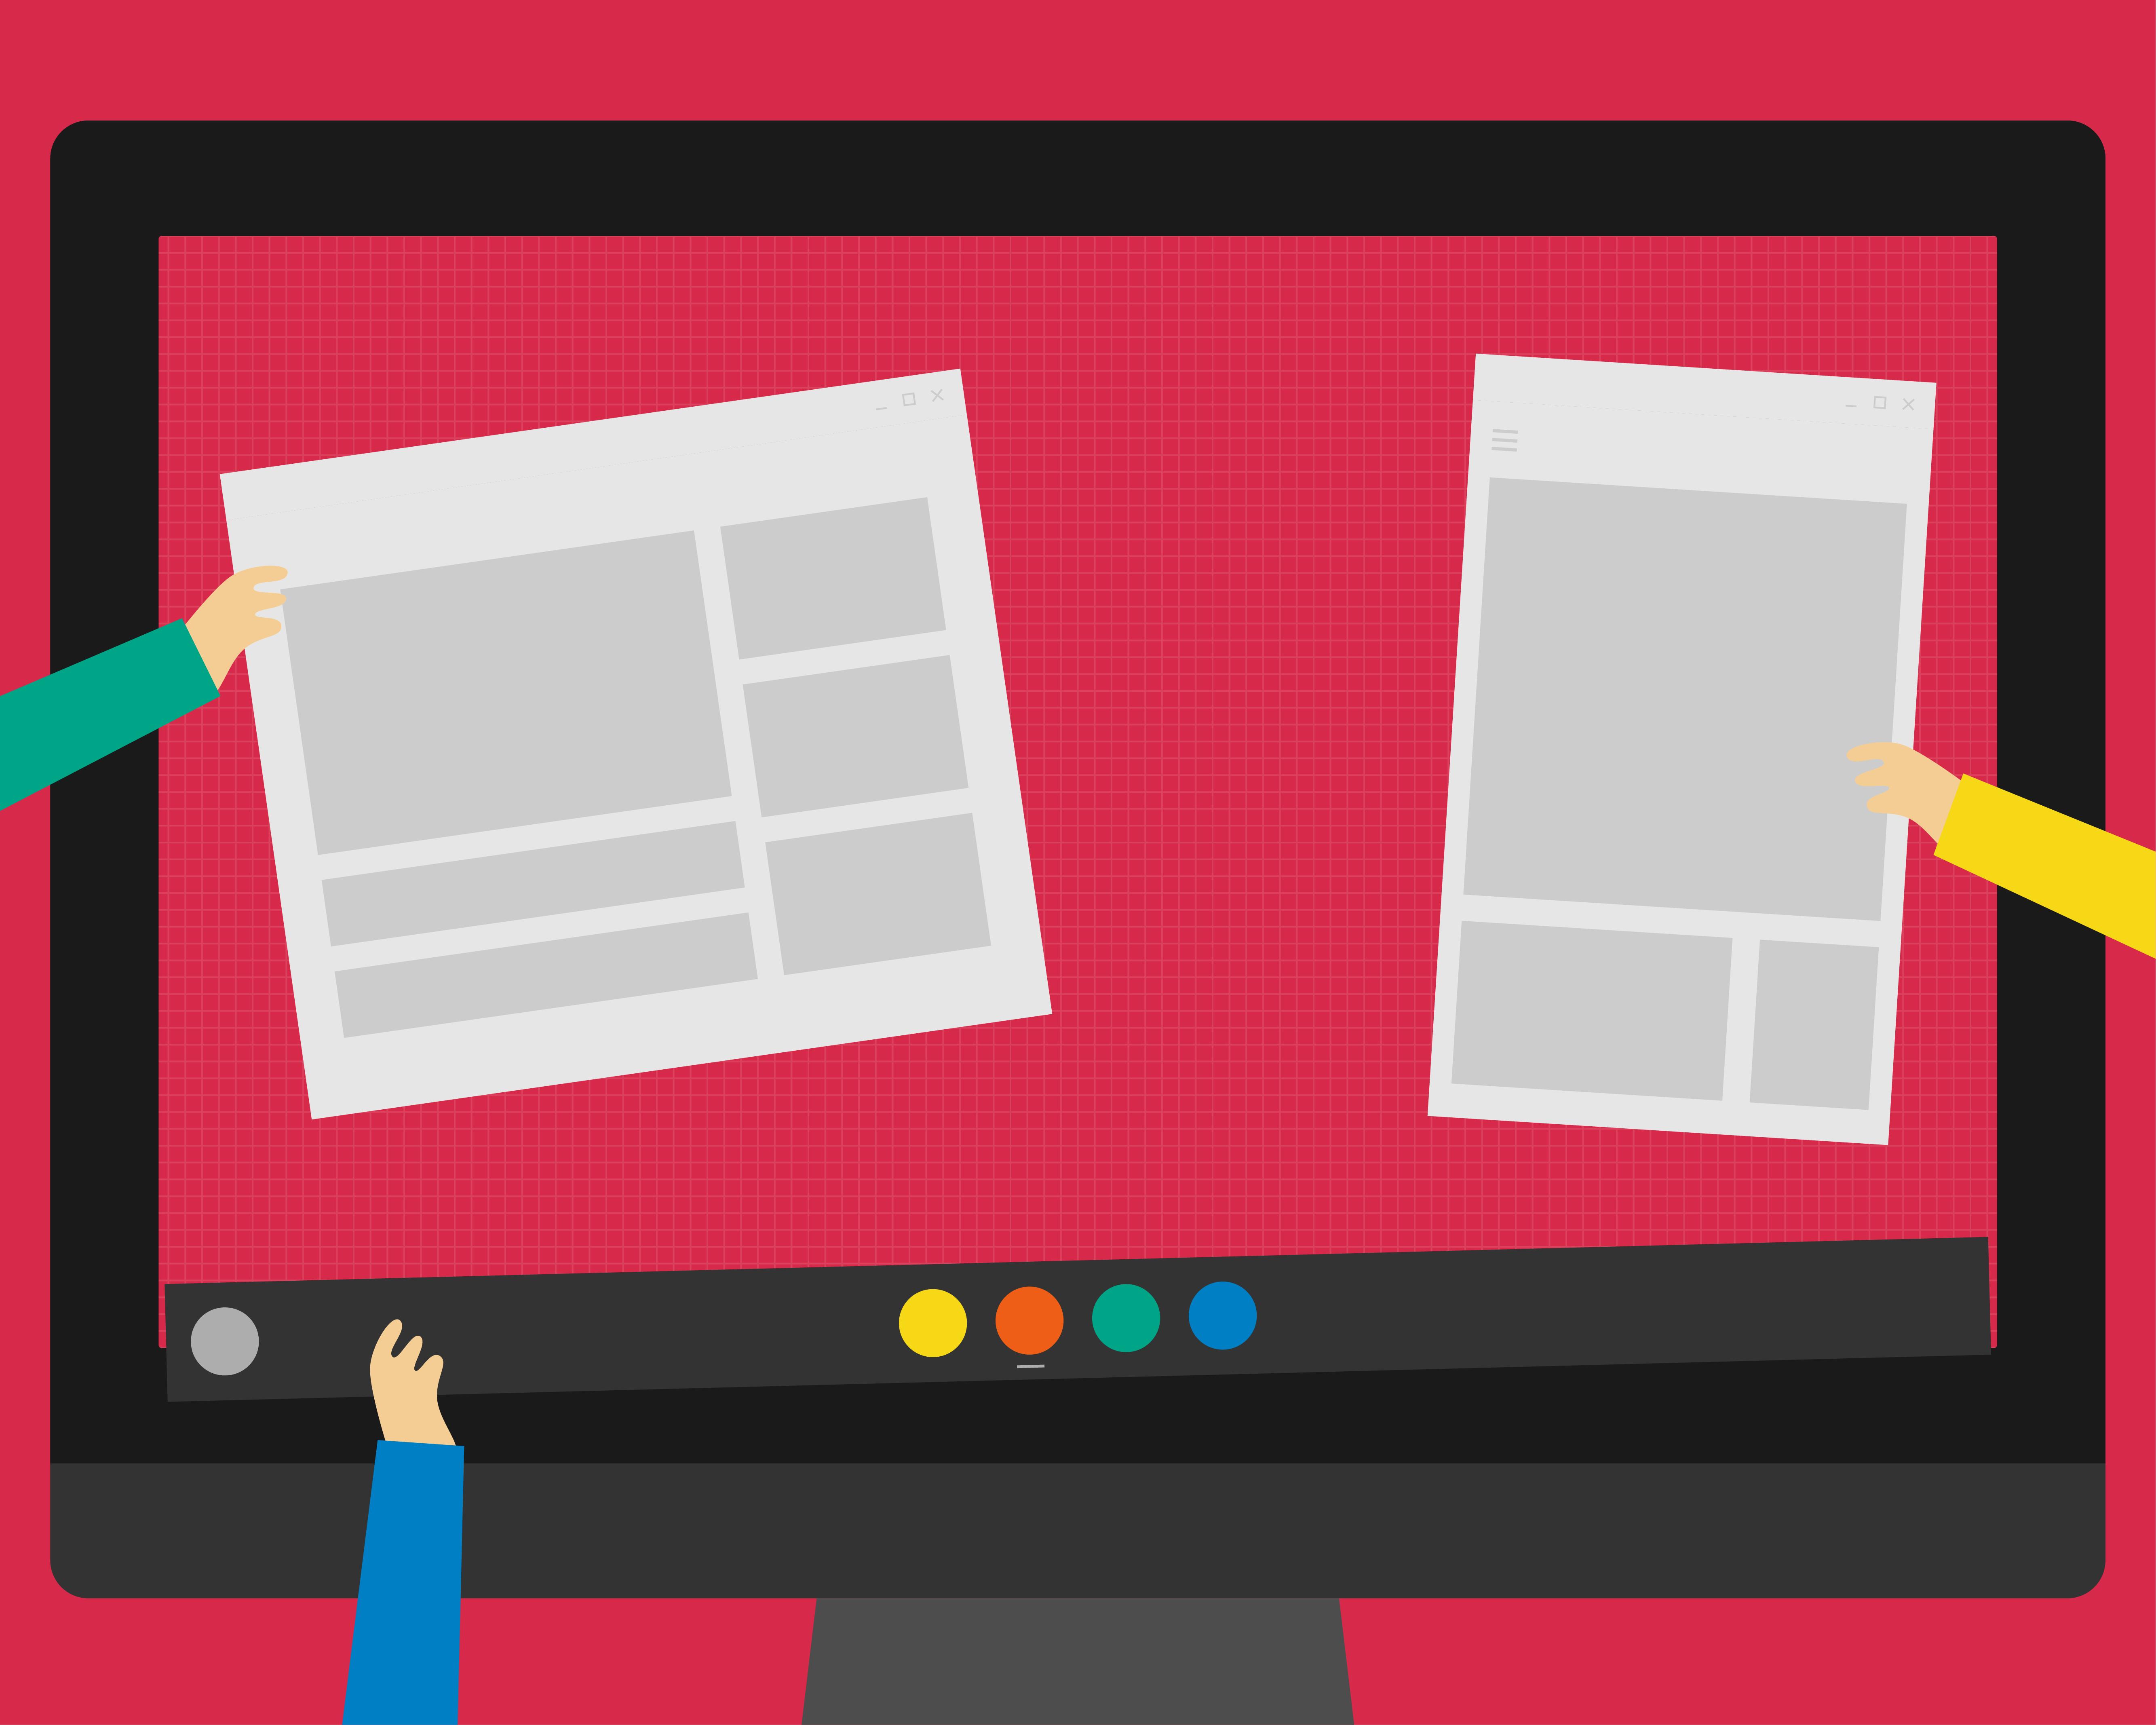 Bespoke designed hiring illustration for FydeOS